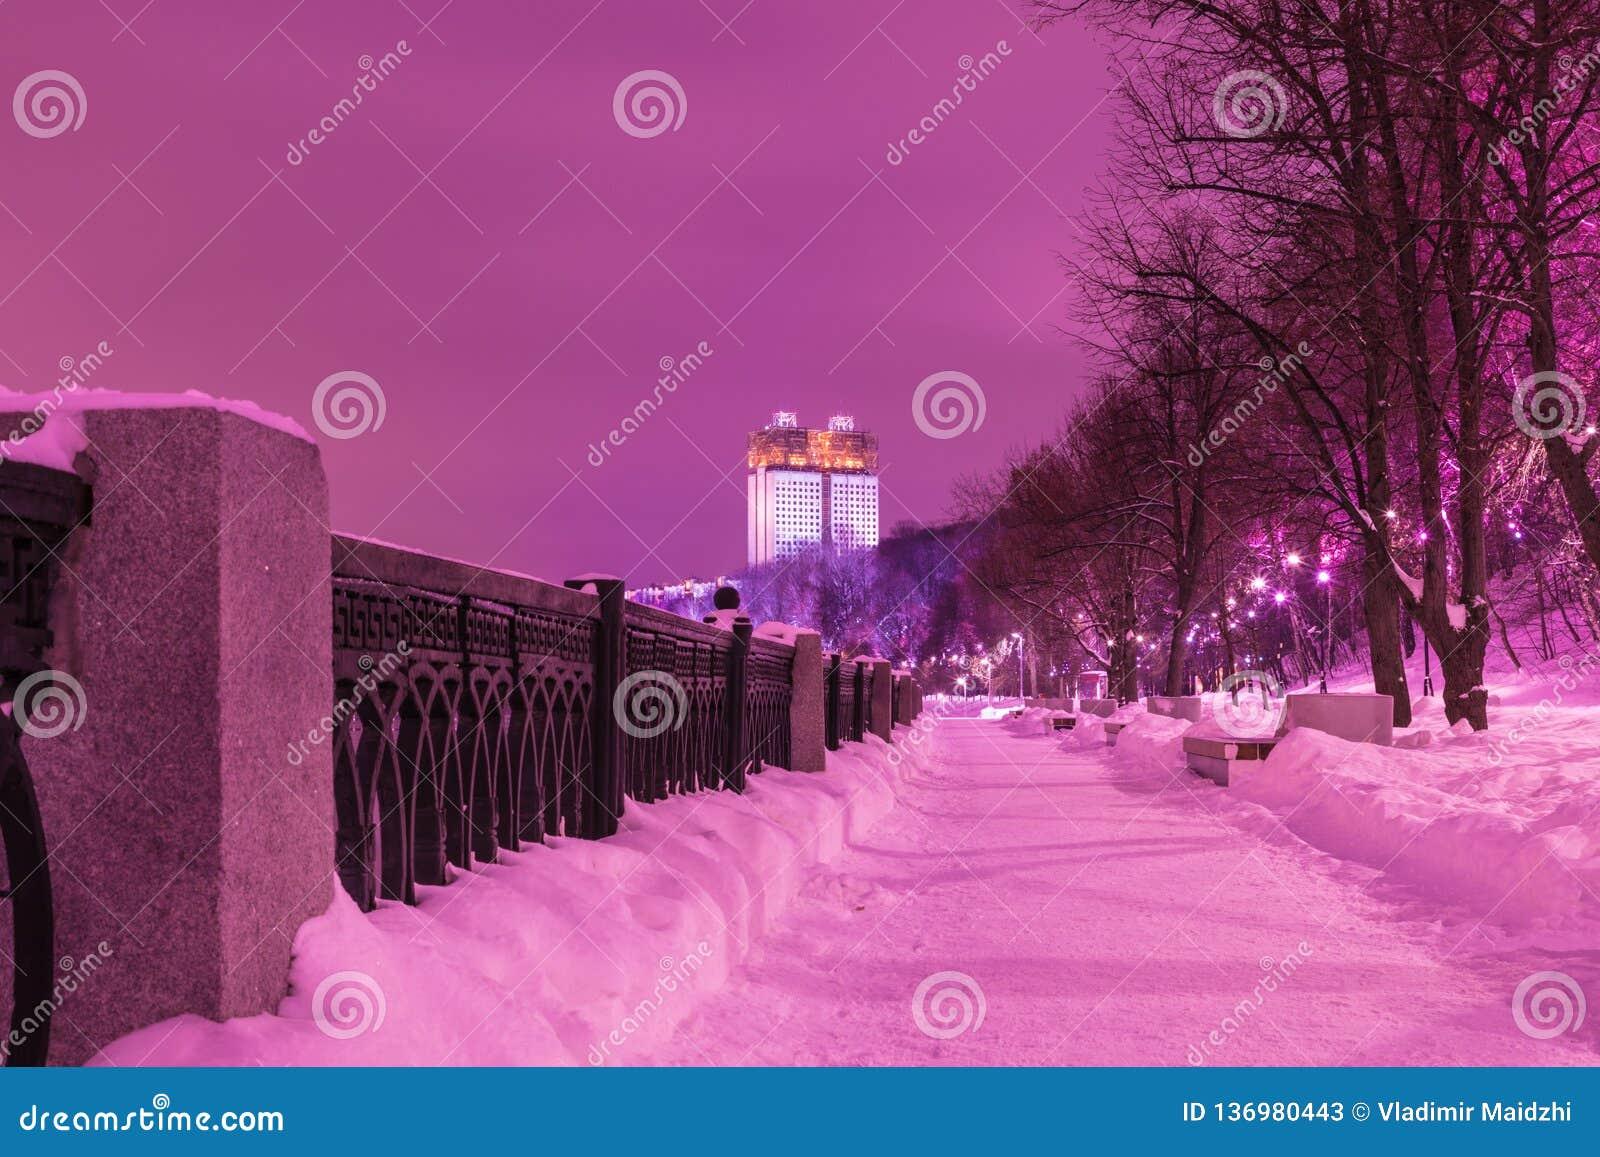 De bouw van de Russische Academie van Wetenschappen in Moskou in de bewolkte de winteravond of de nacht, mening van de dijk van M